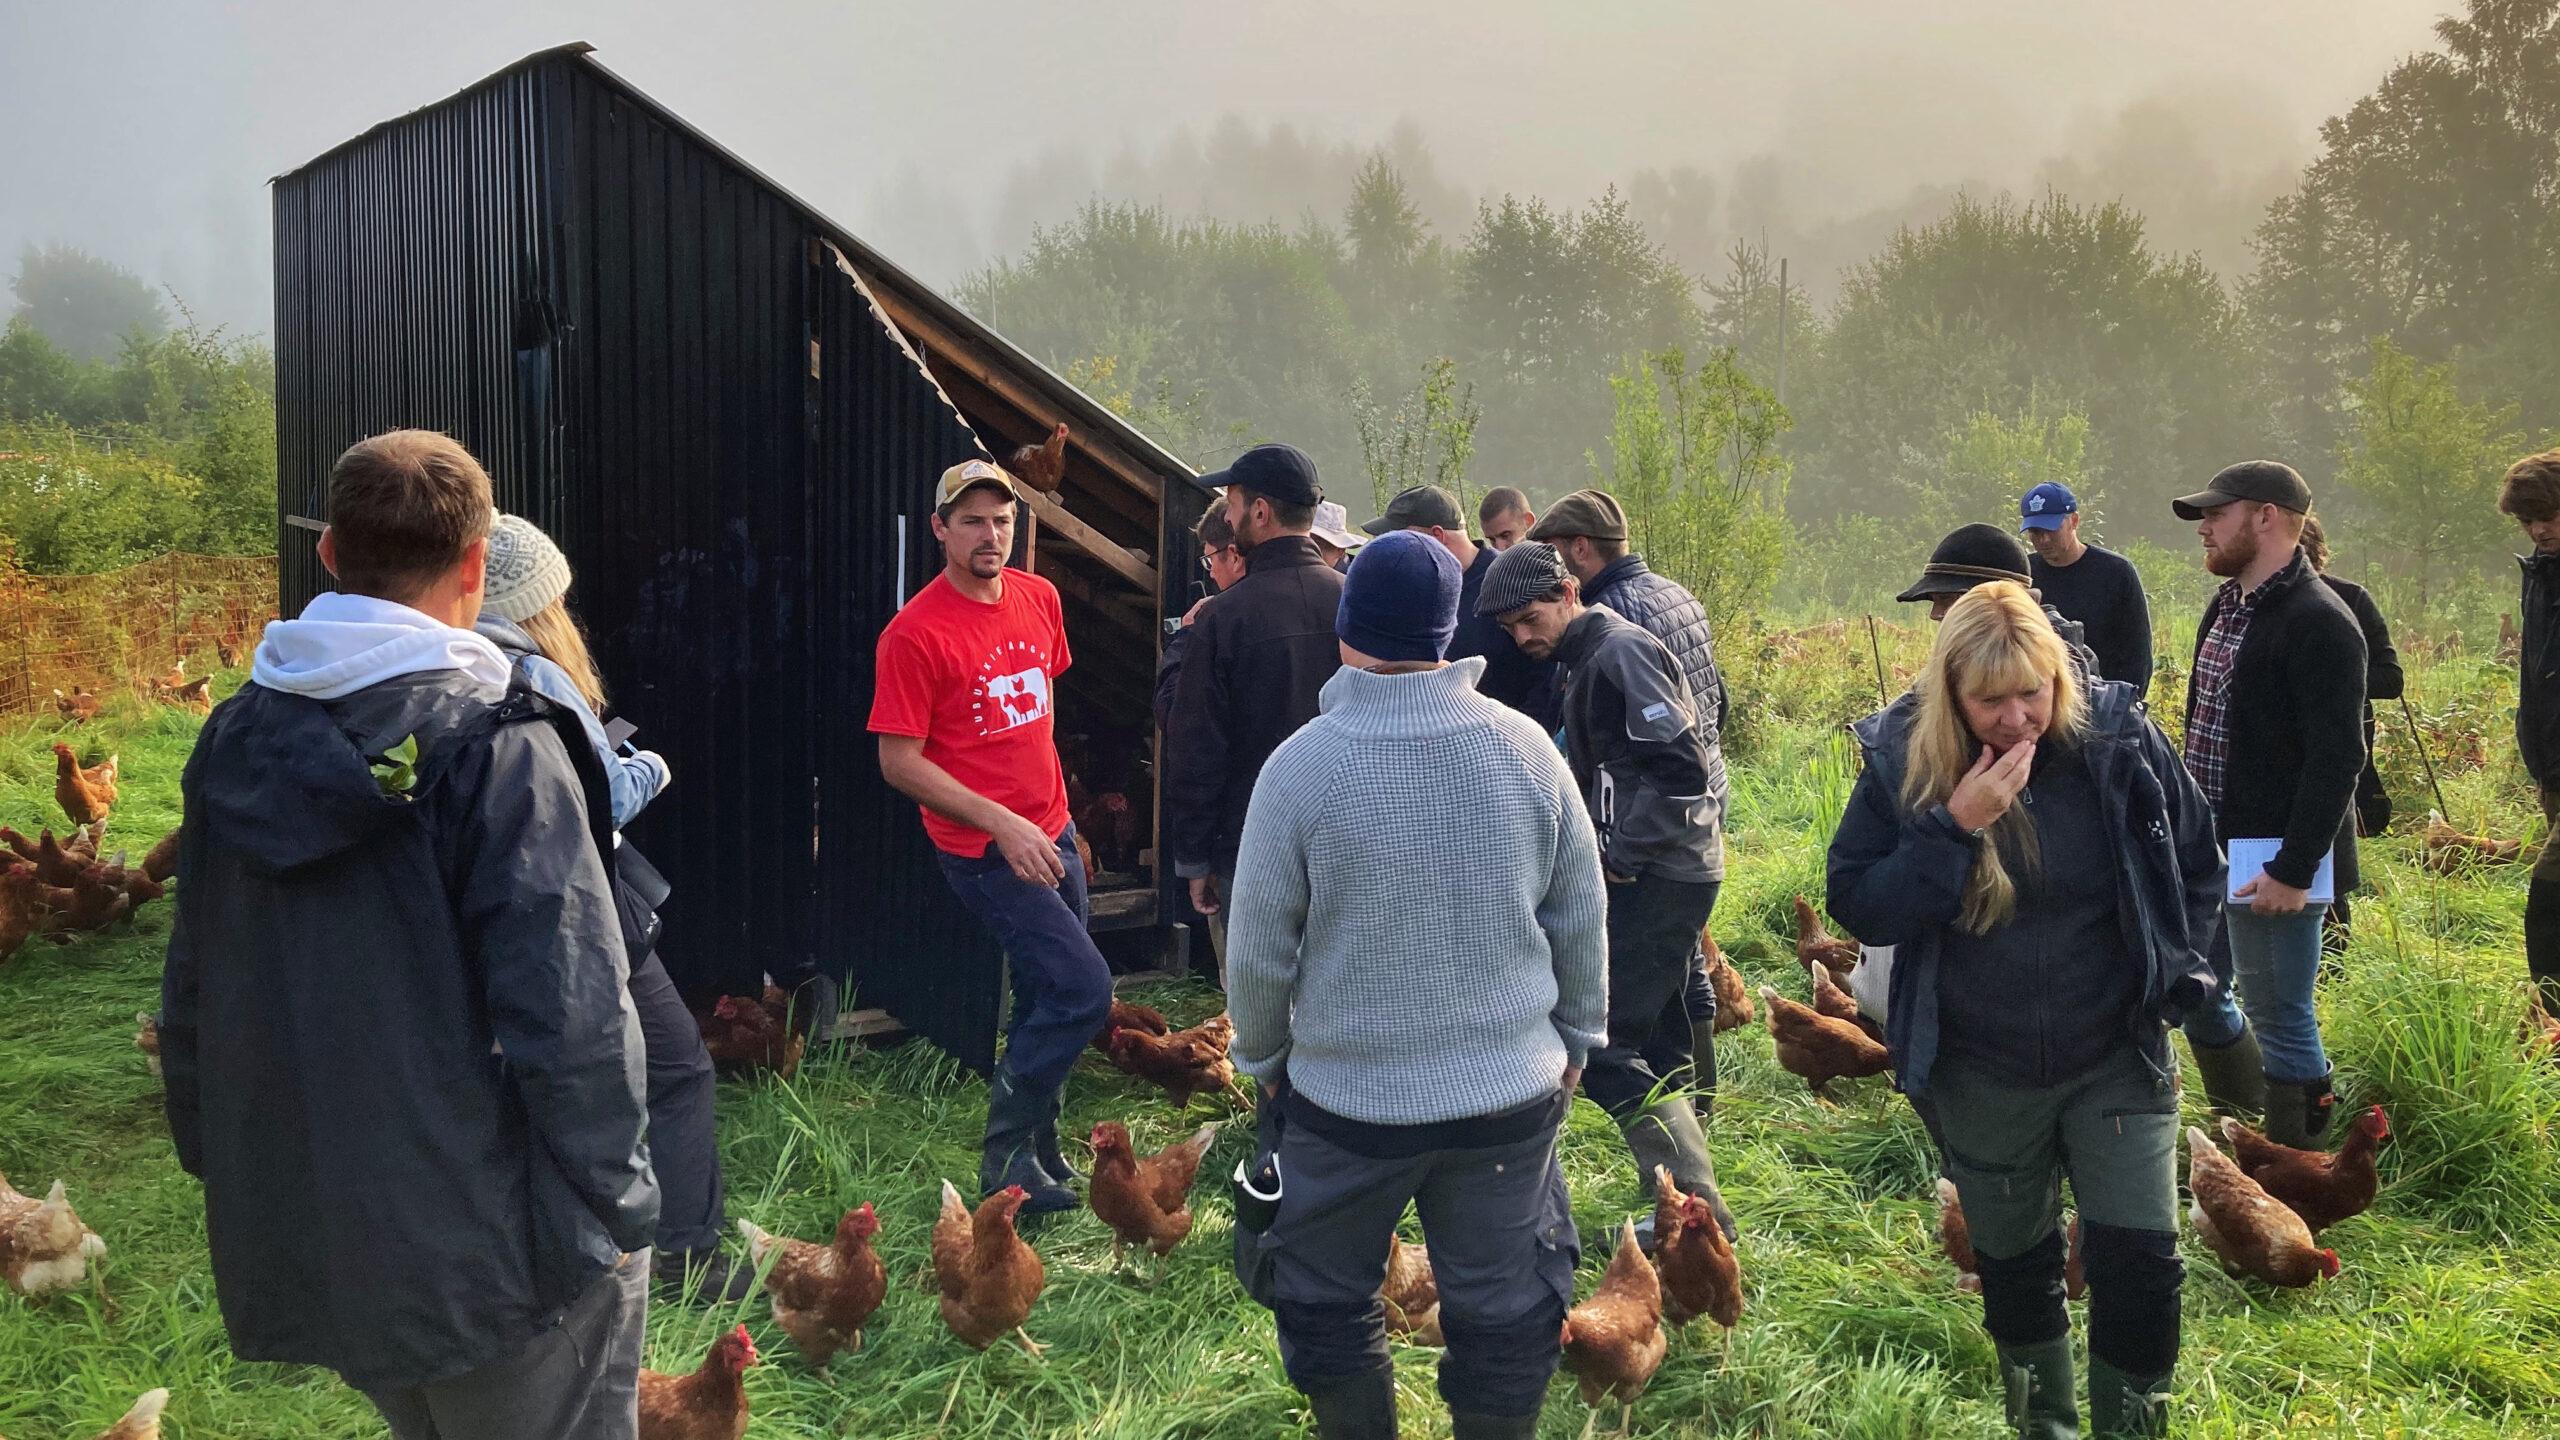 Richard Perkins visar äggmobil under Regenerativt Agricultrure Masterclass på Ridgedale